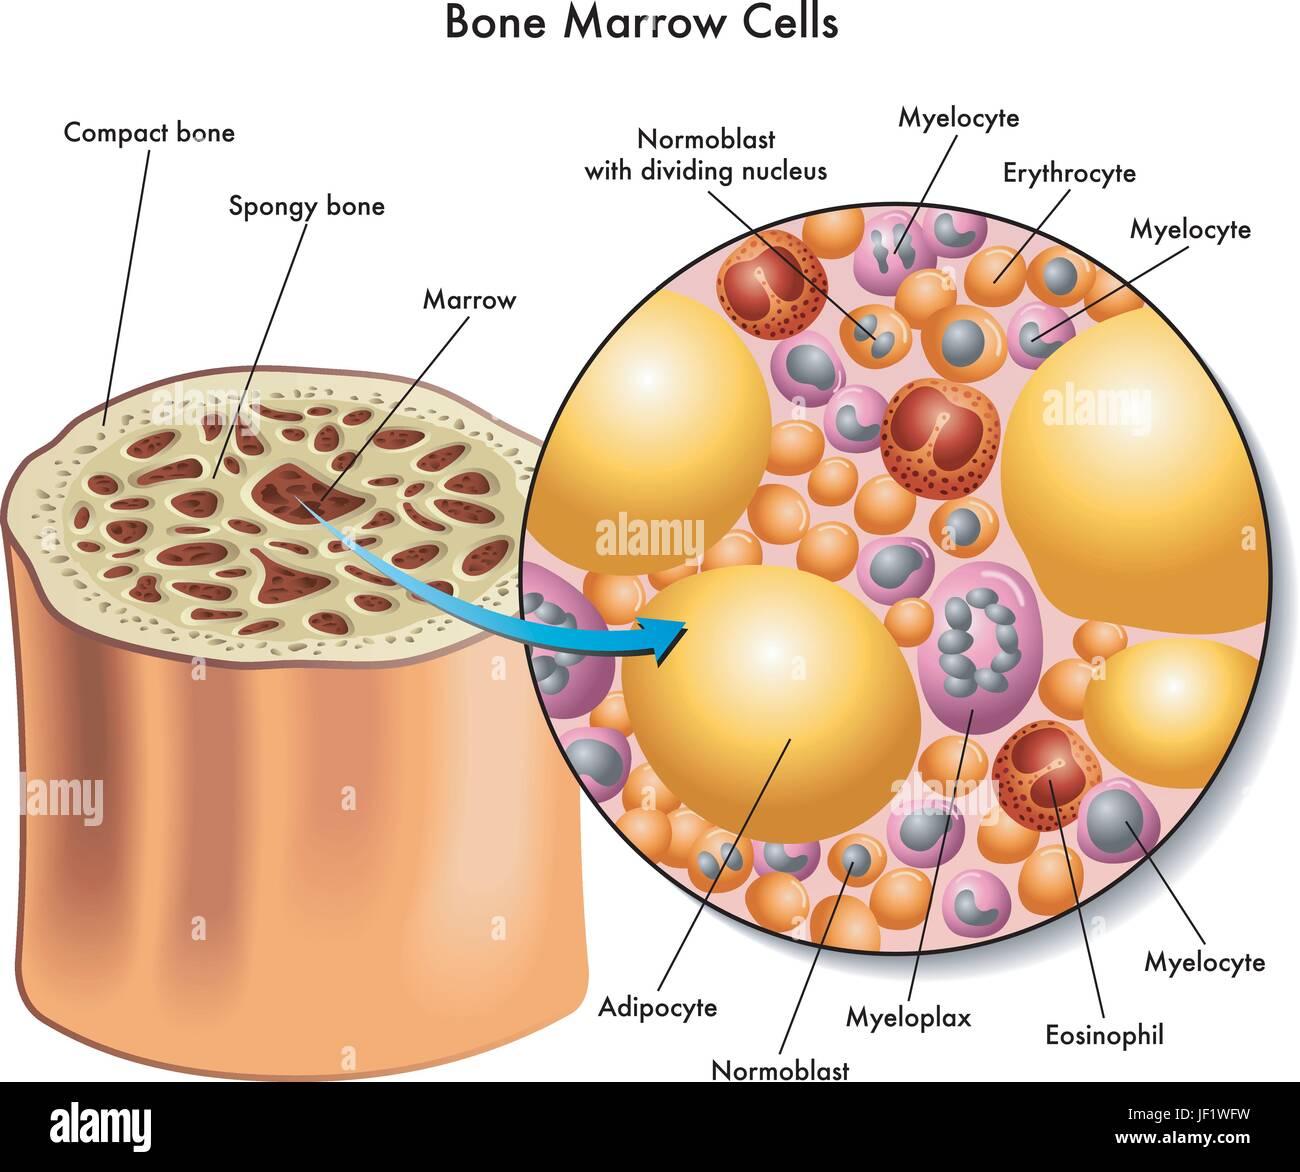 Leukemia Bone Marrow Diagram